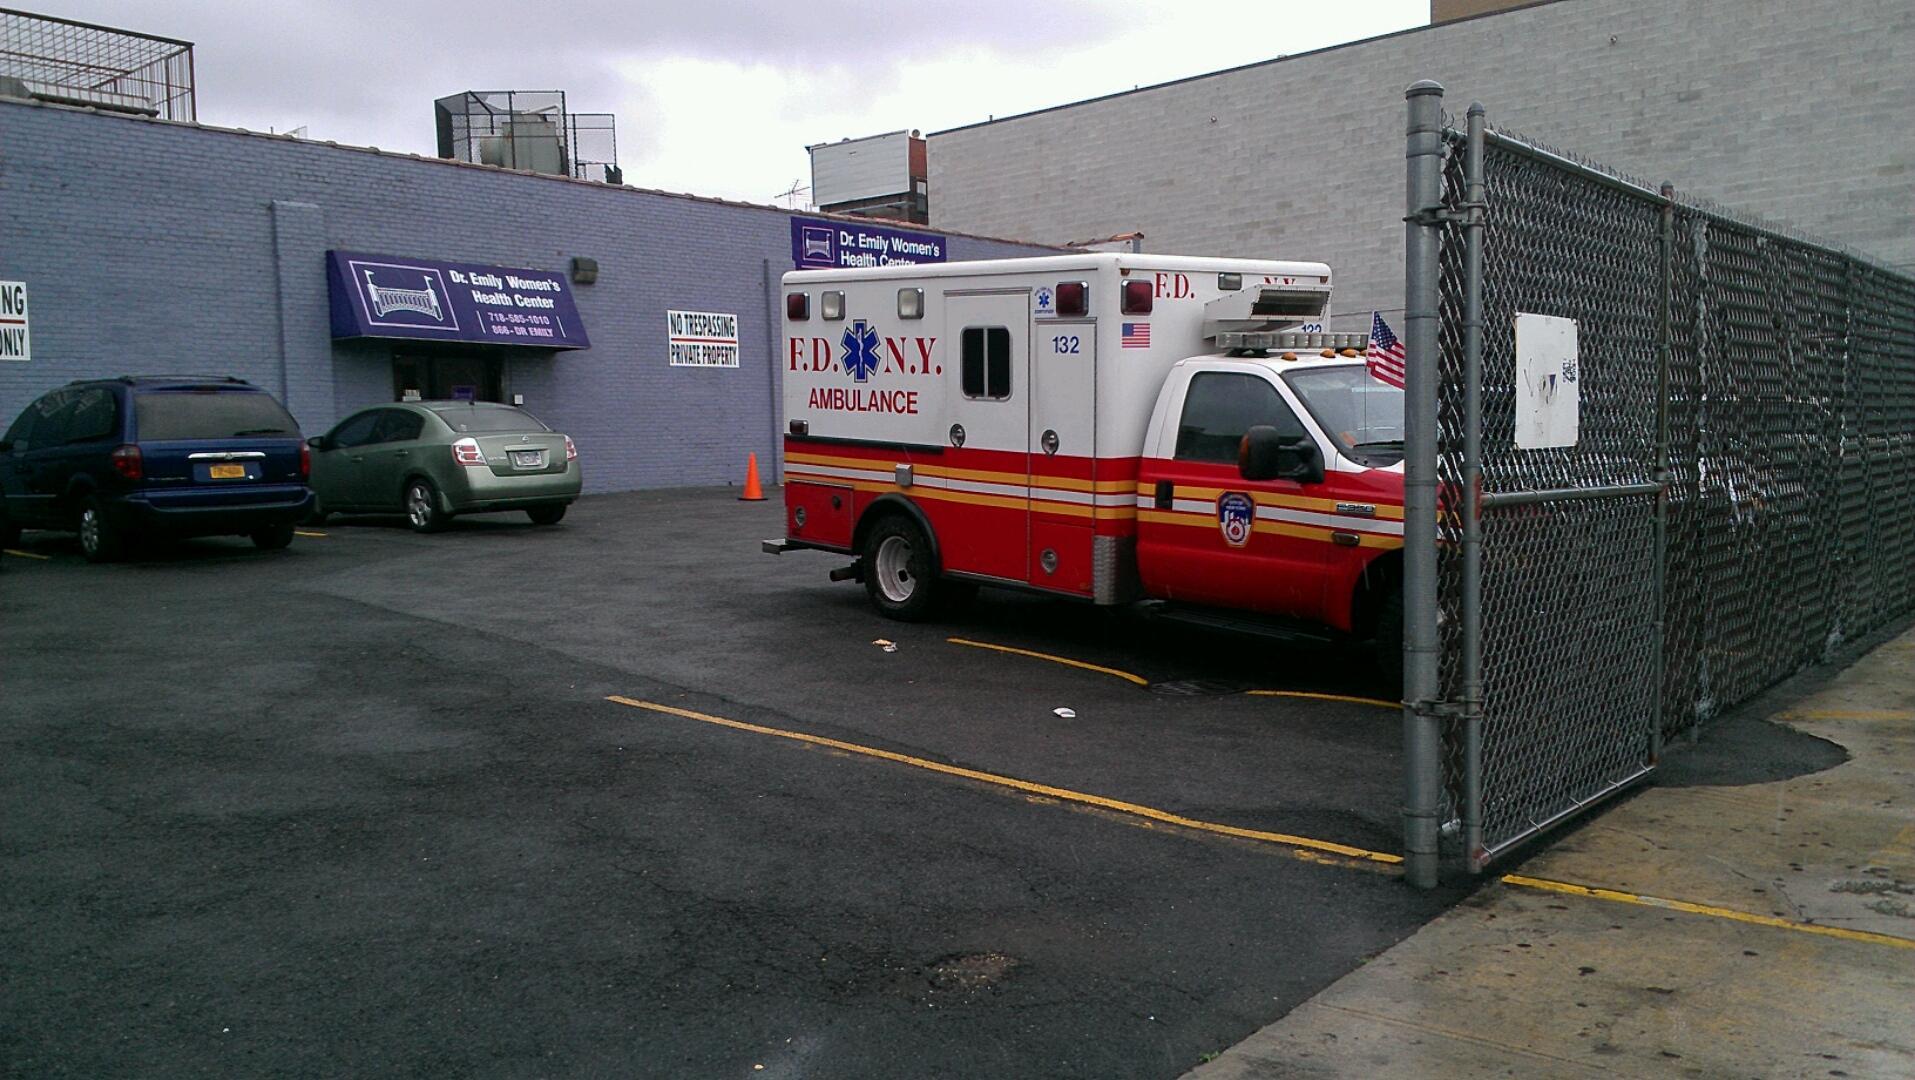 June 12, 2012 Medical Emergency at Dr Emilys 2